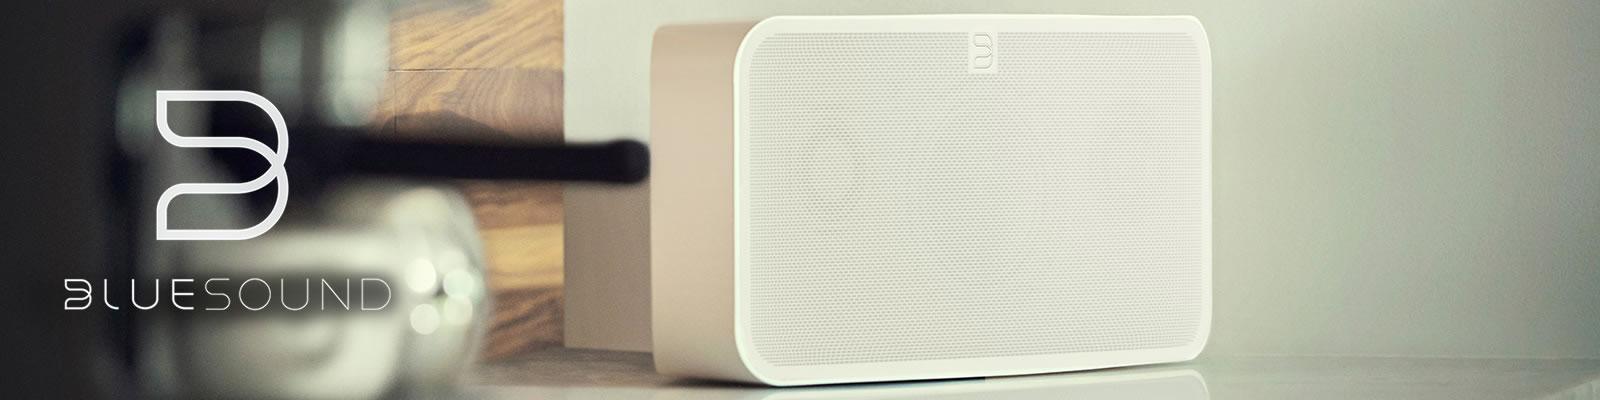 Smarter Bluesound Lautsprecher neben Bluesound Logo